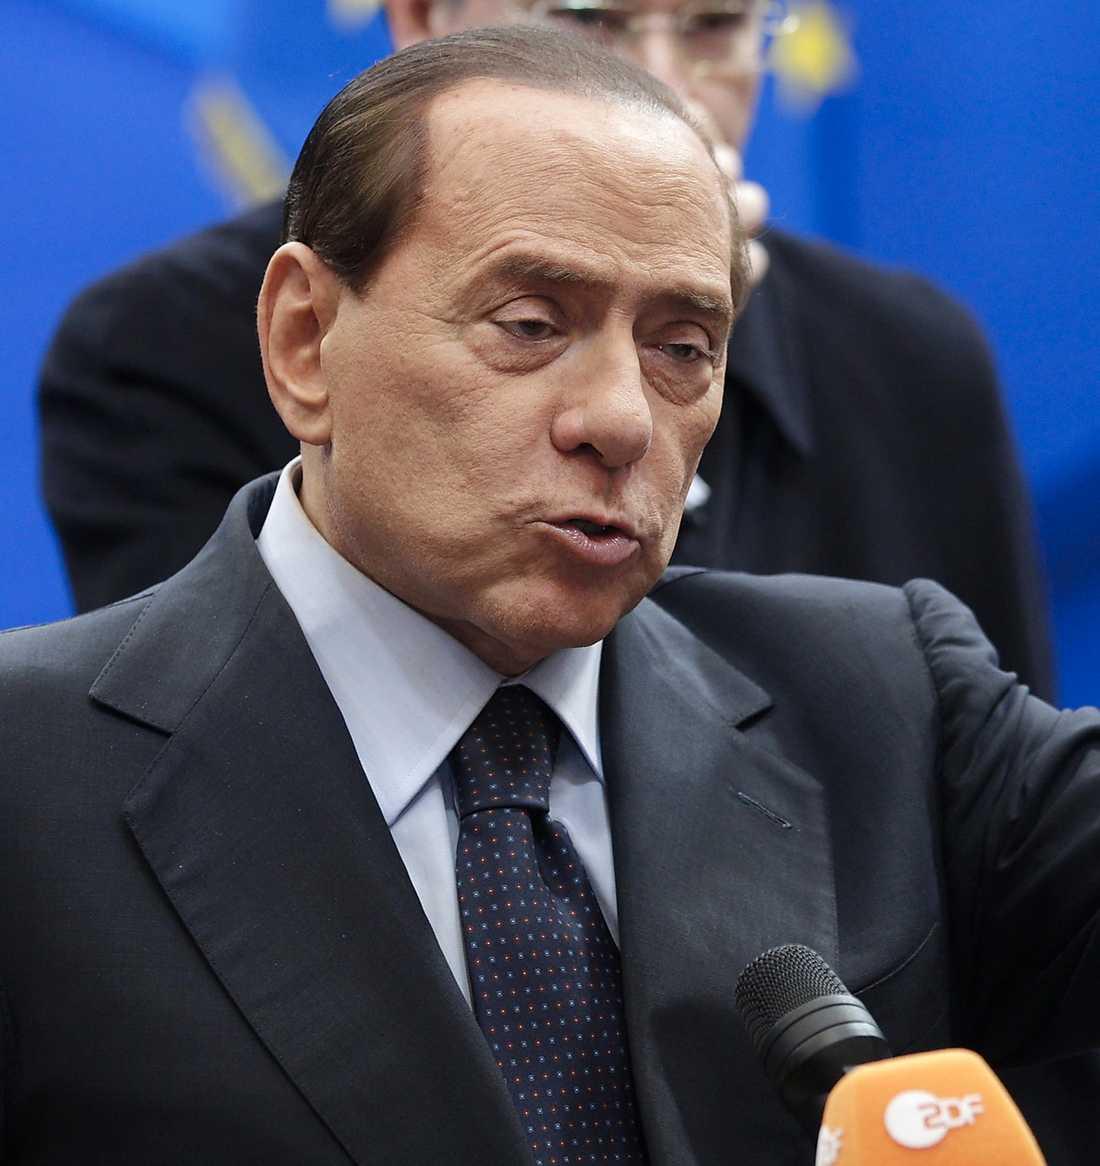 LÄCKTA SAMTAL Nu har avlyssnade telefonsamtal mellan Silvio Berlusconi och tandsköterskan Nicole Minetti läckt ut.